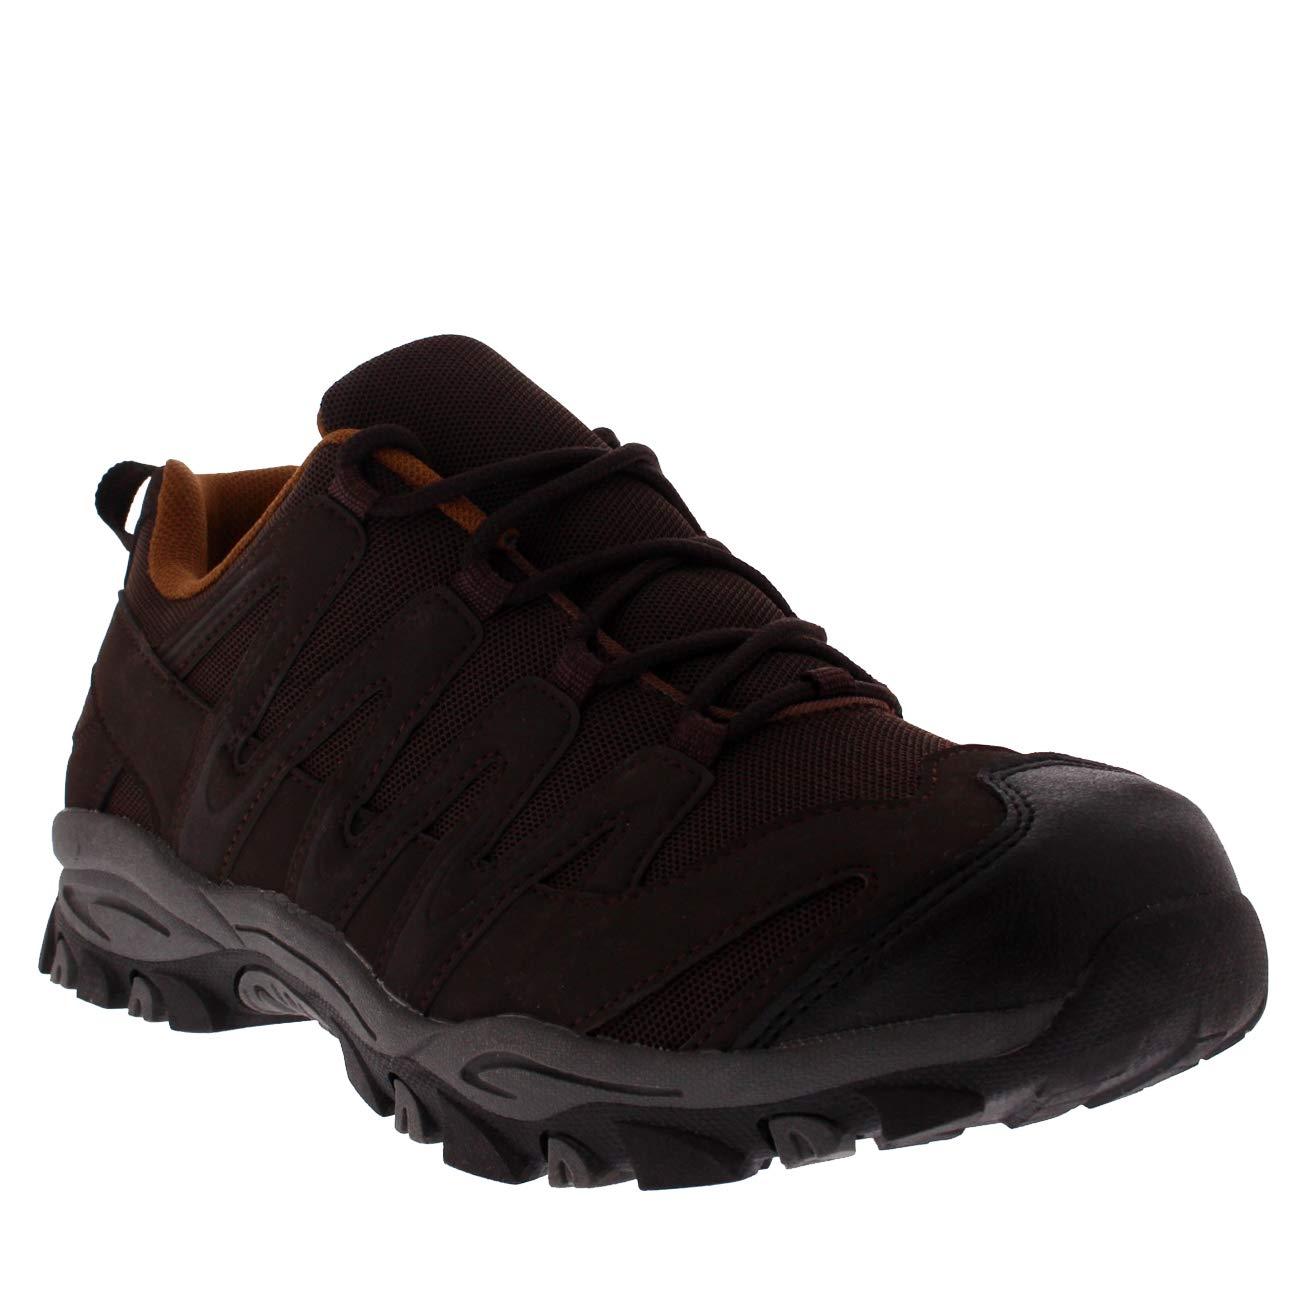 Get Fit Femmes De Plein Air Poids L/éger en Marchant Randonn/ée Trekking Durable des Chaussures Marron//Marron BS0217 EU36//UK3